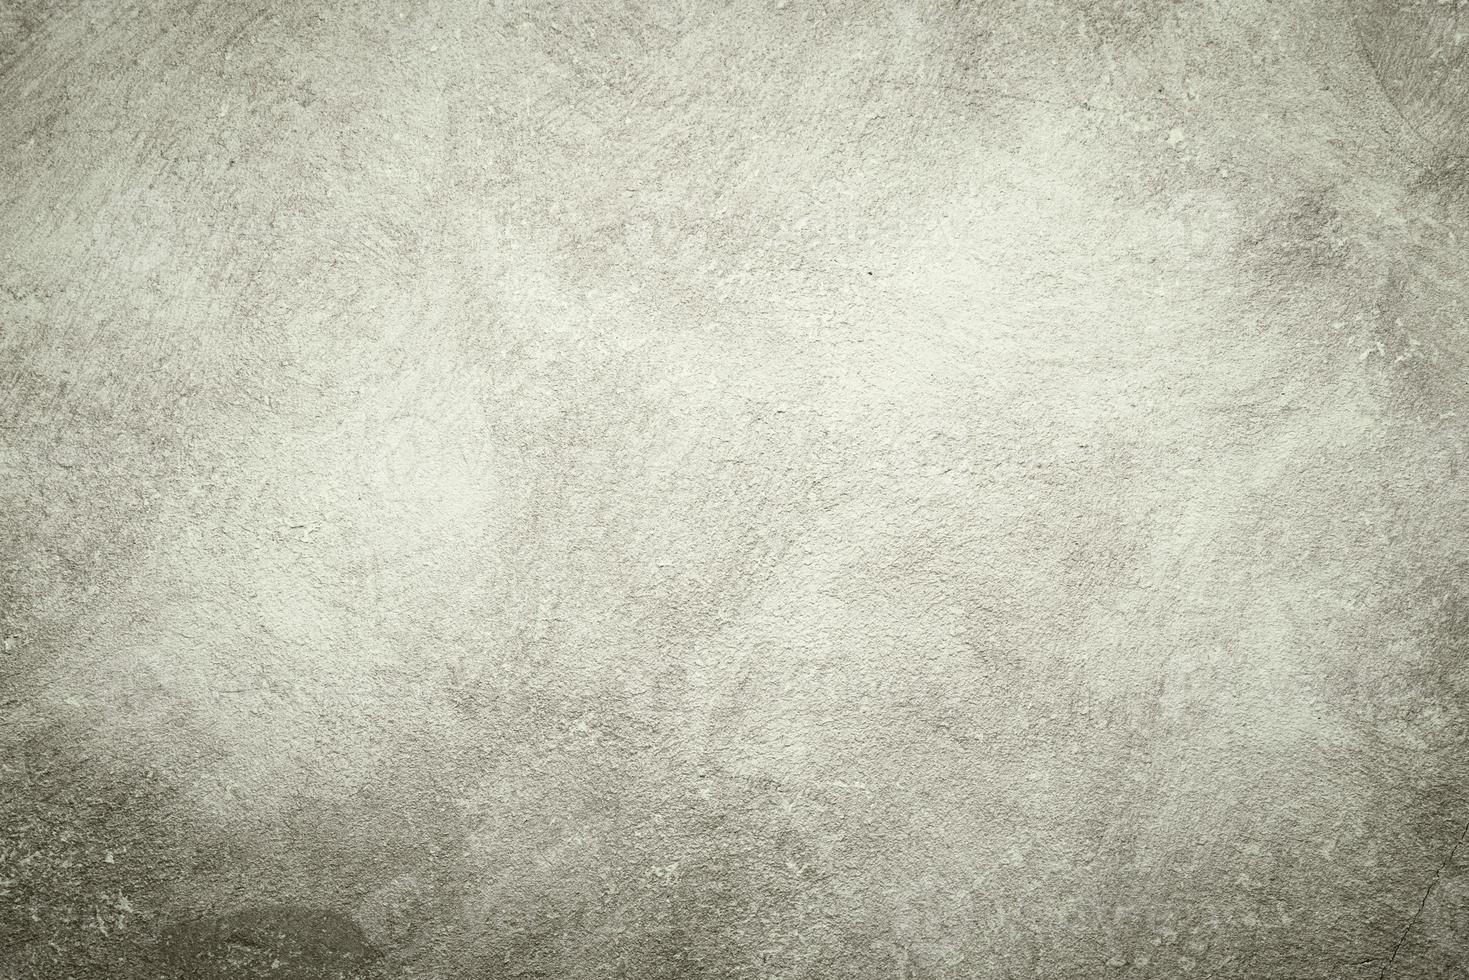 Fondo de pared neutral abstracto de roca foto